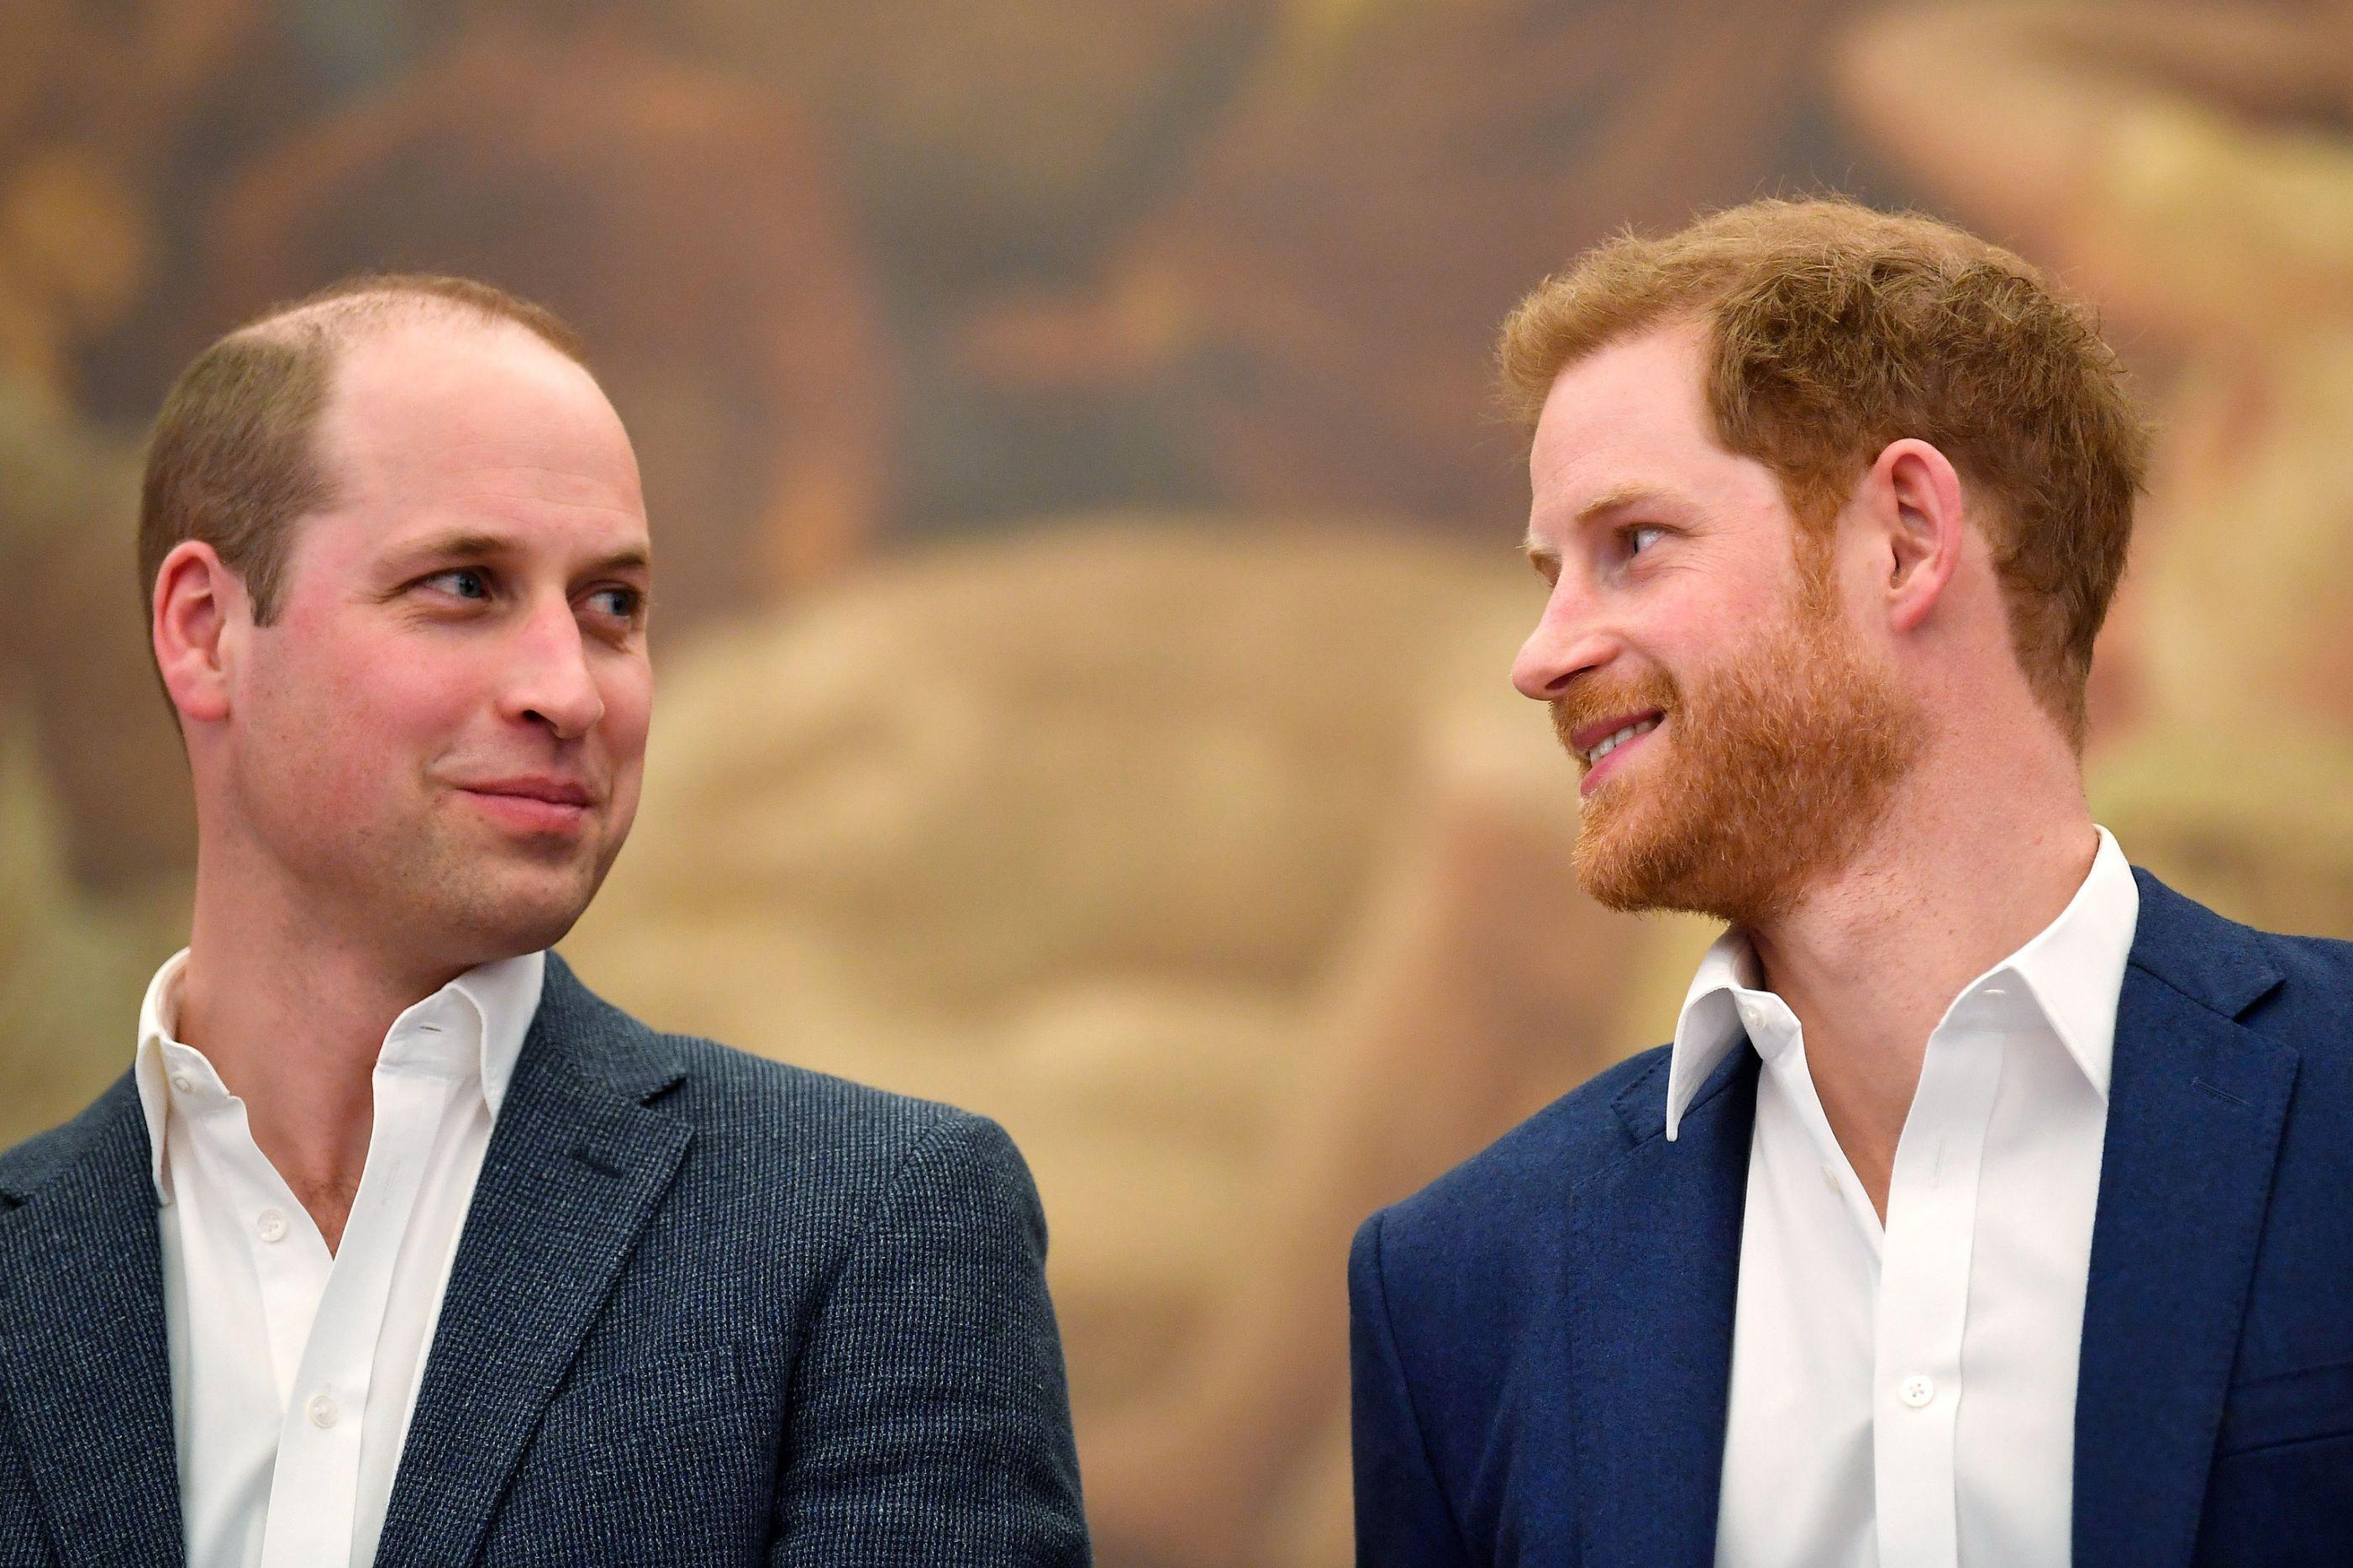 Príncipe Harry ficou magoado com William. Porquê?